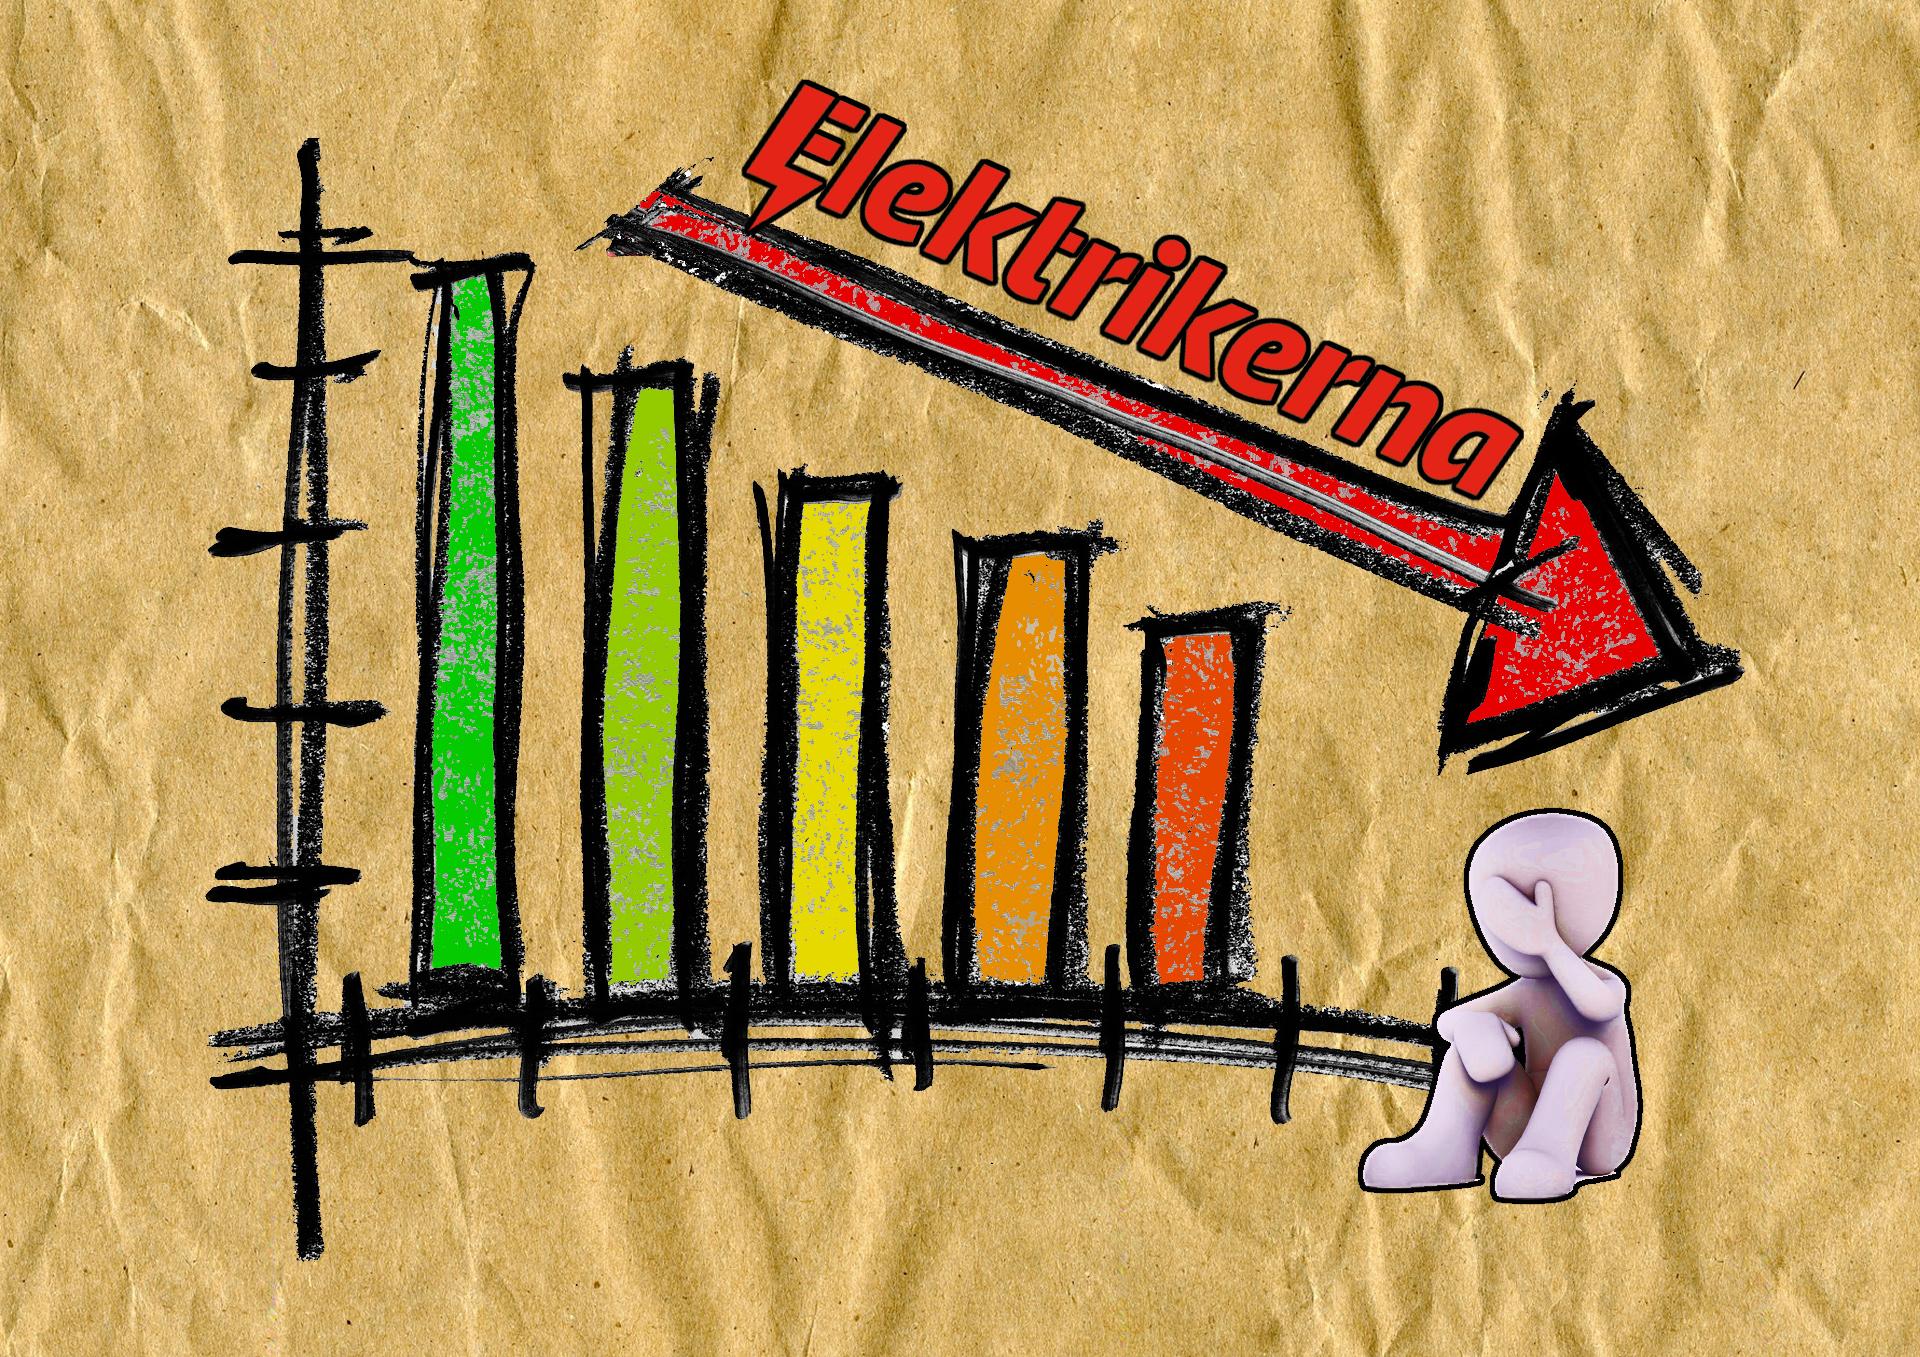 Bilden föreställer ett handritat stapeldiagram där staplarna till vänster är höga, men blir lägre ju längre åt höger man kommer. En pil över diagrammet pekar nedåt, och ovanför pilen syns Elektrikerförbundets logotyp. En lerfigur sitter nedanför diagrammet och tar sig för ansiktet.